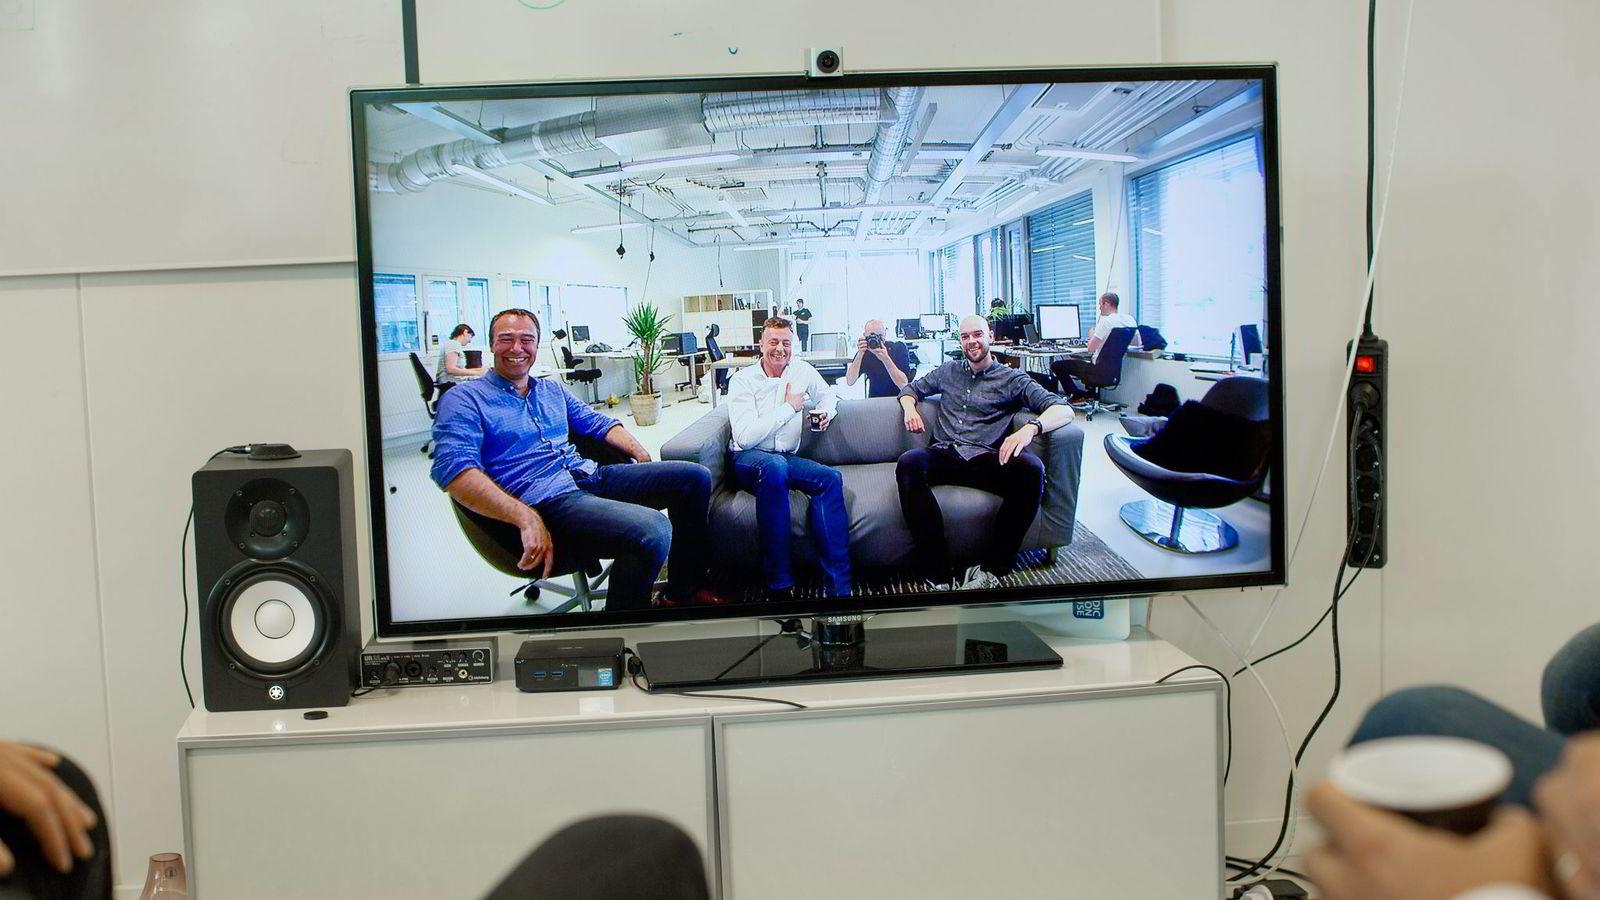 En liten dings på toppen av skjermen leverer video av gründer Anders Eikenes (fra venstre), administrerende direktør Thomas C. Holst og Stein Ove Eriksen, gründer. Mye settes inn på å skape gode bilder og rense lydbildet. Foto: